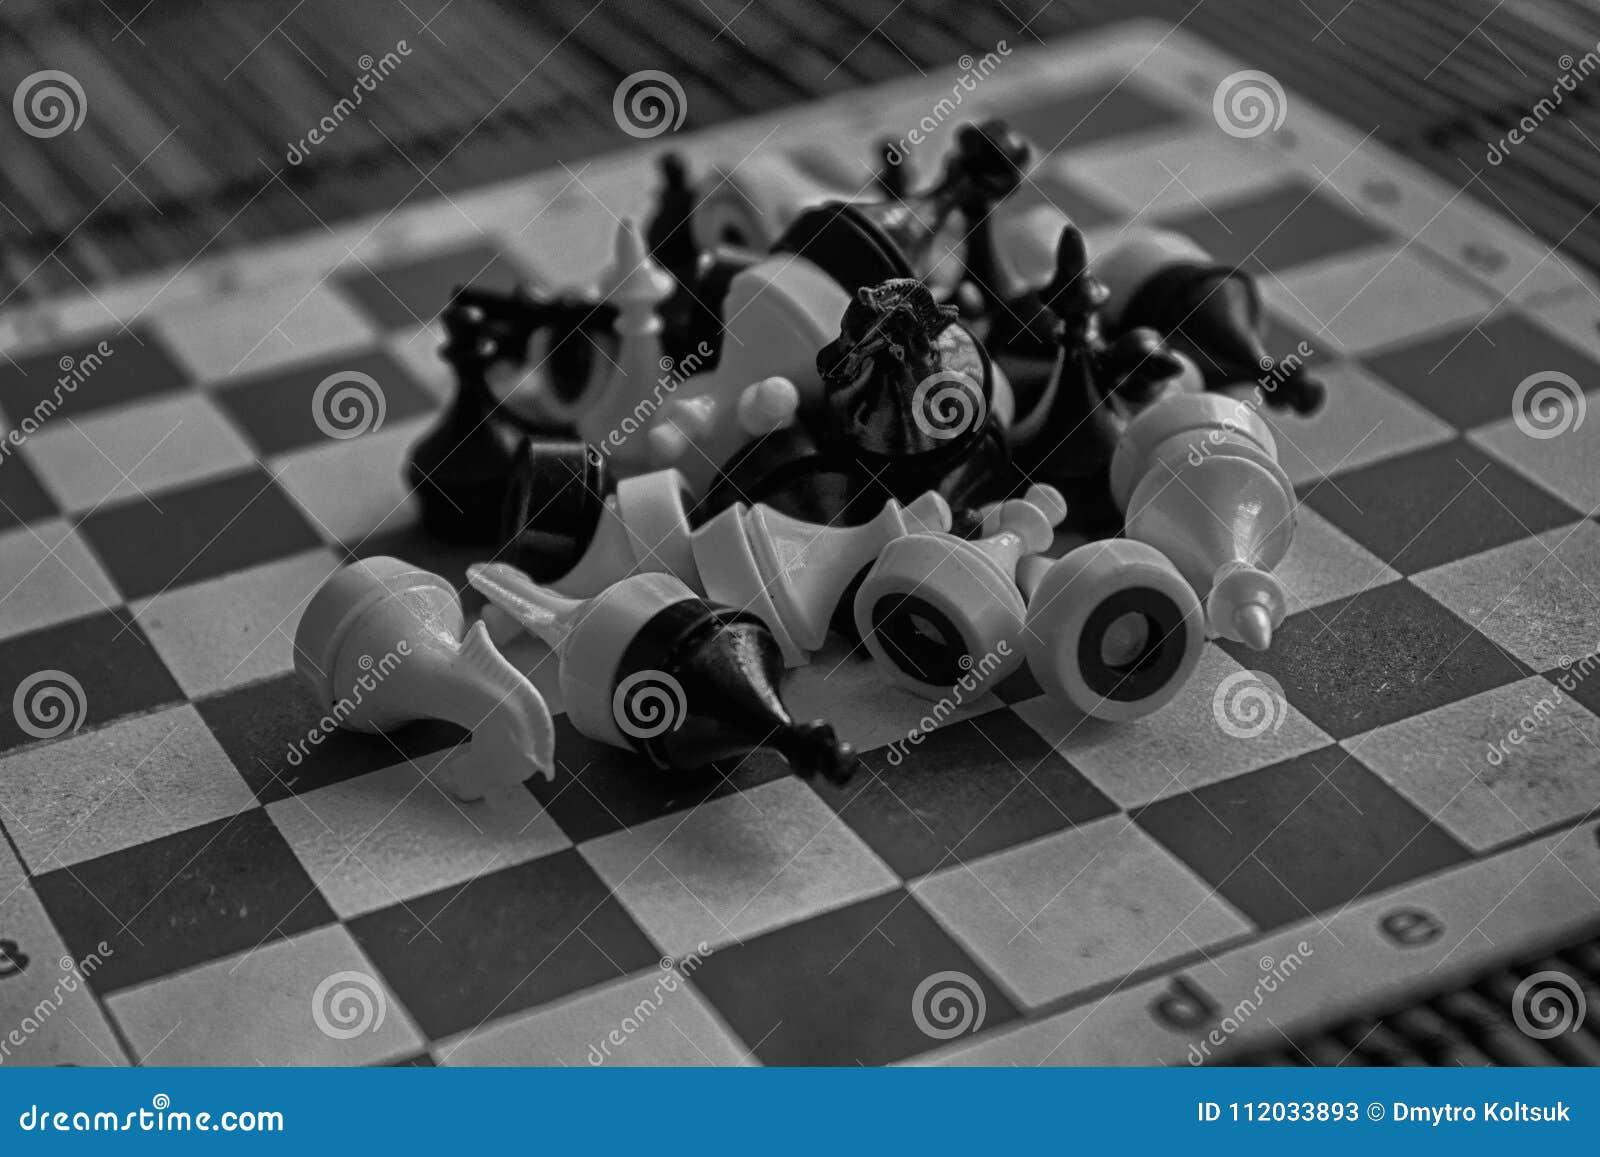 Tablero de ajedrez de madera monocromático y pedazos de ajedrez plásticos magnéticos, a bordo